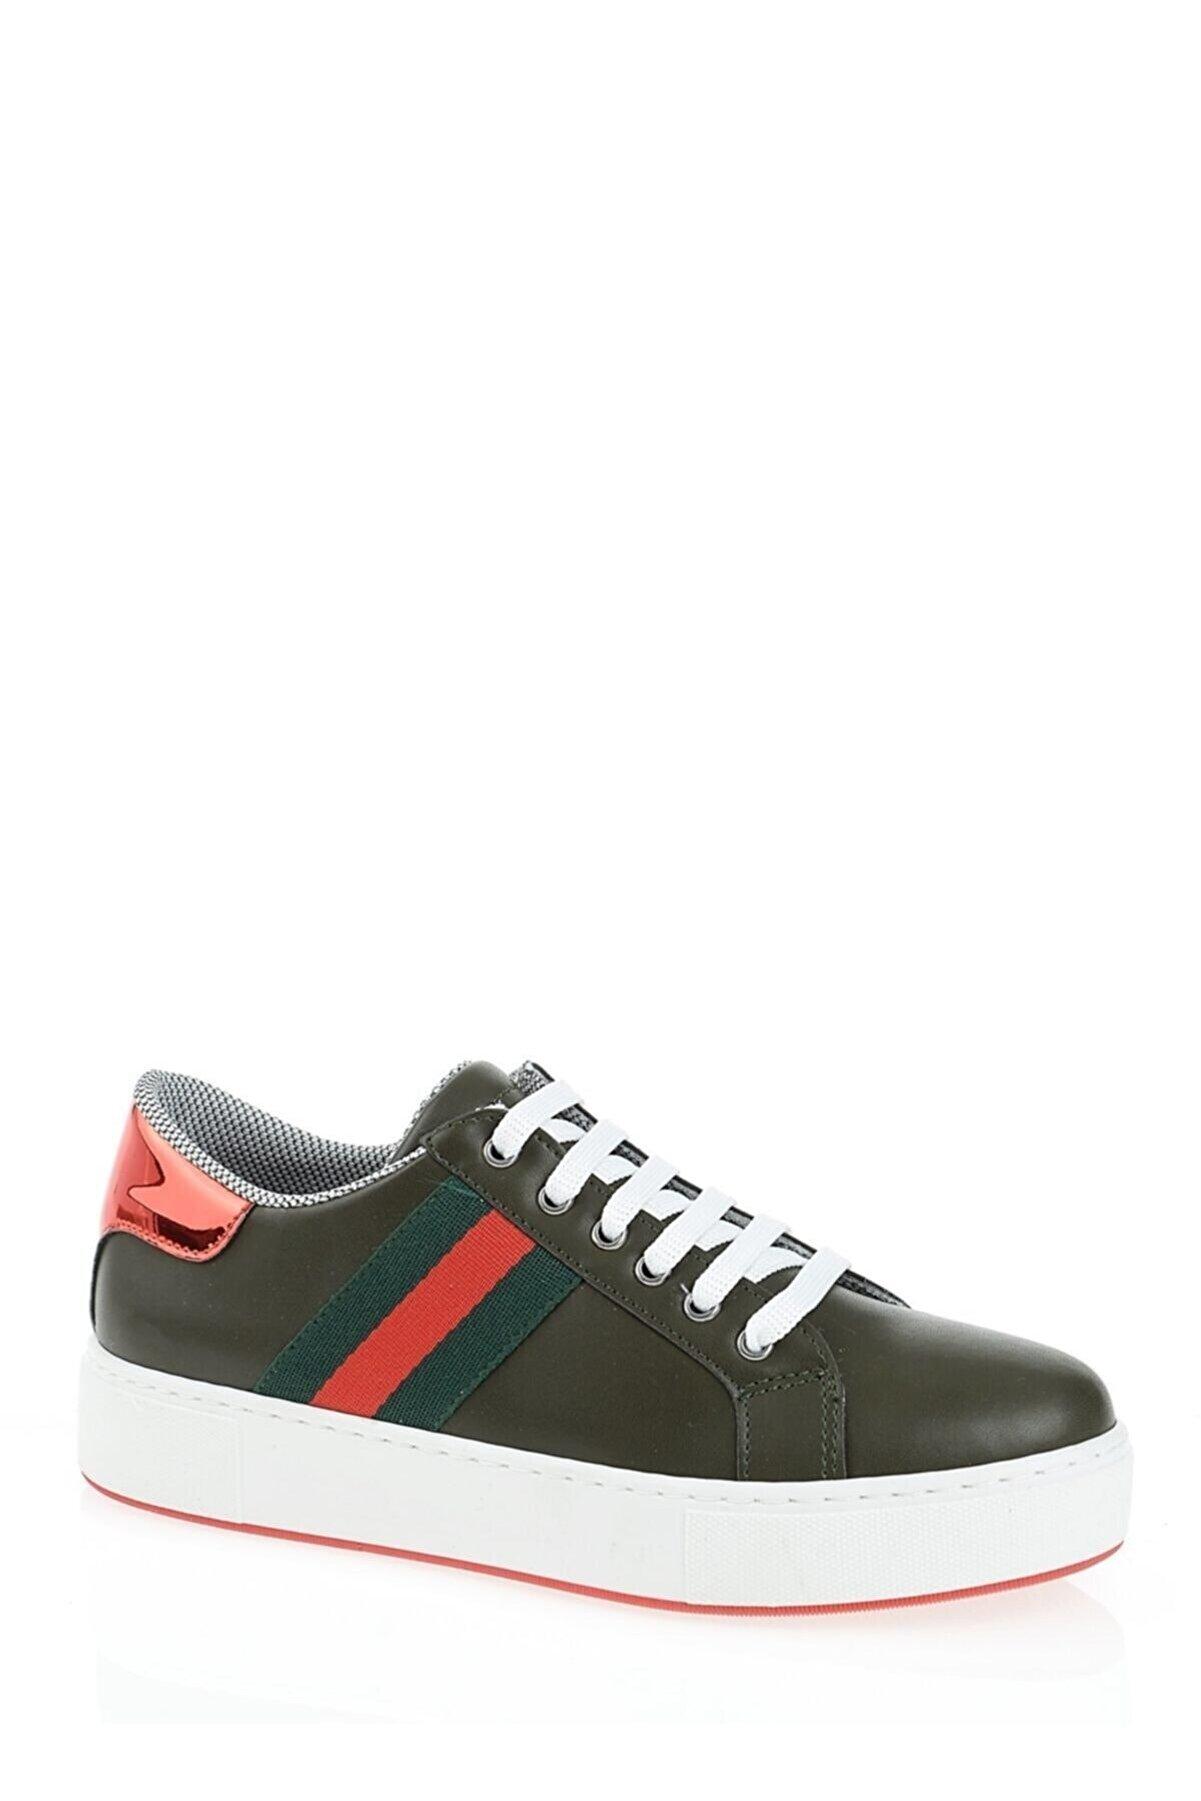 Derigo Yeşil Şerit Kadın Casuel Ayakkabı 221701